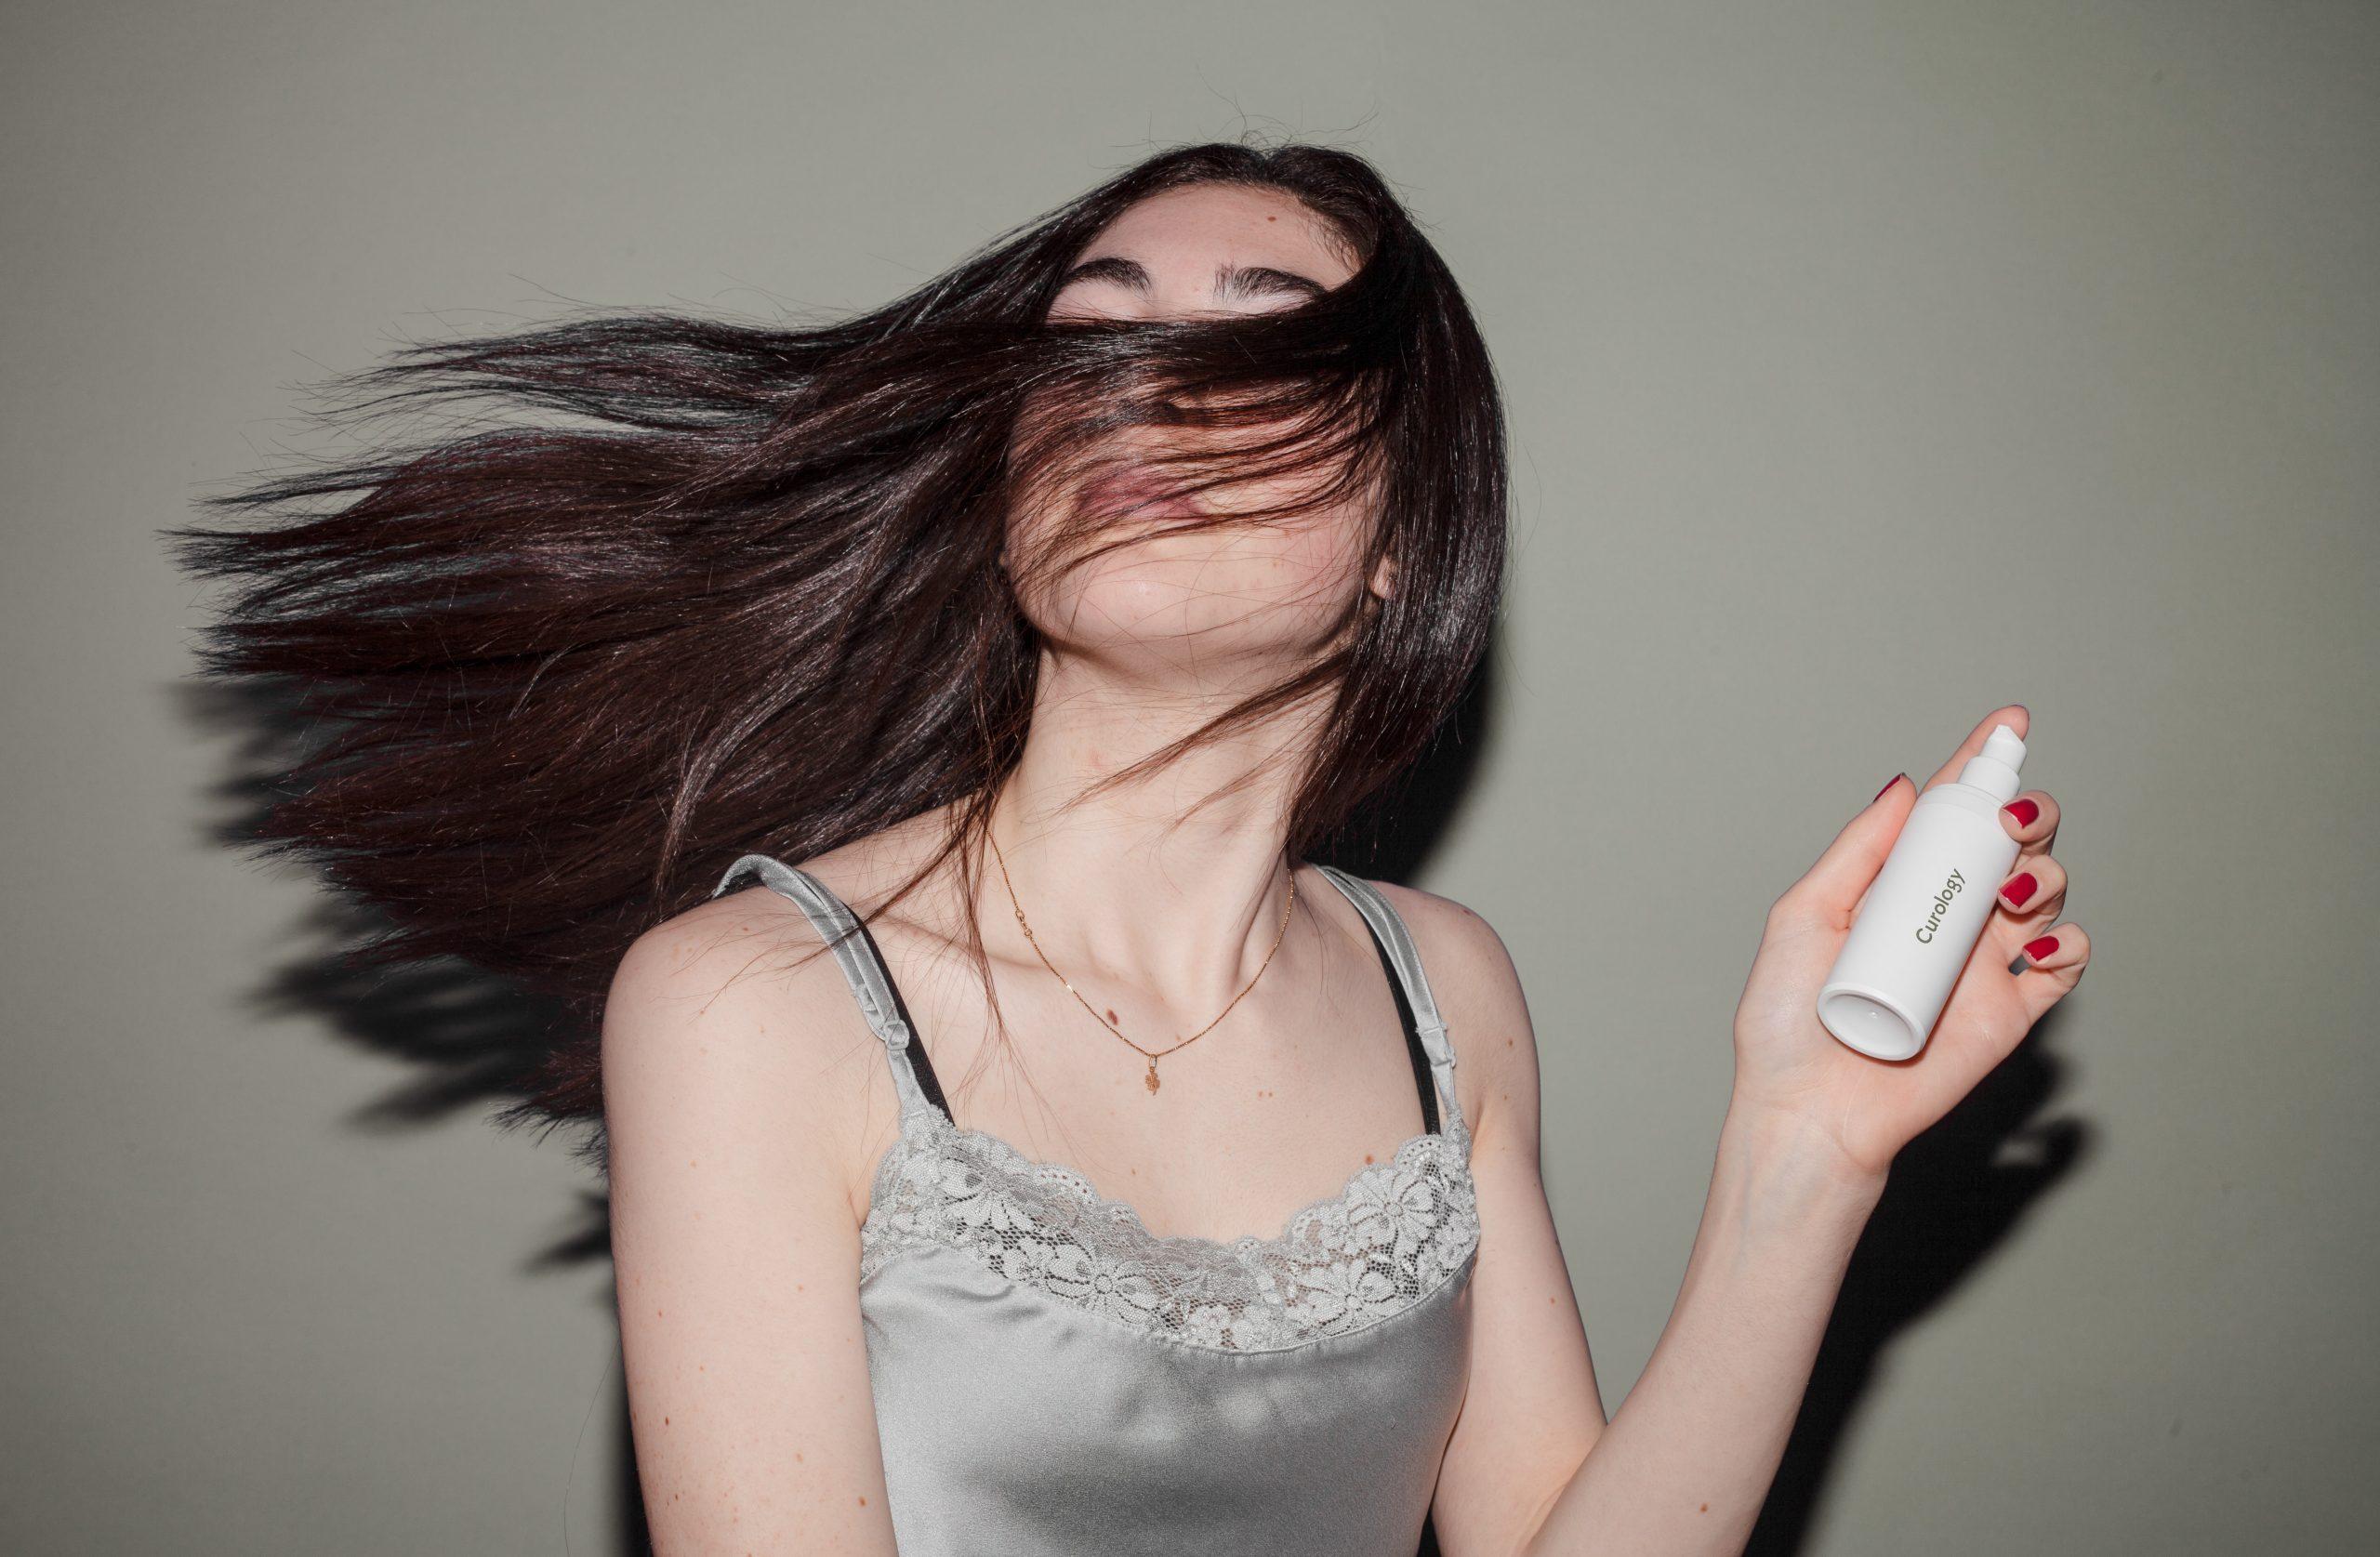 育毛剤を使う女性